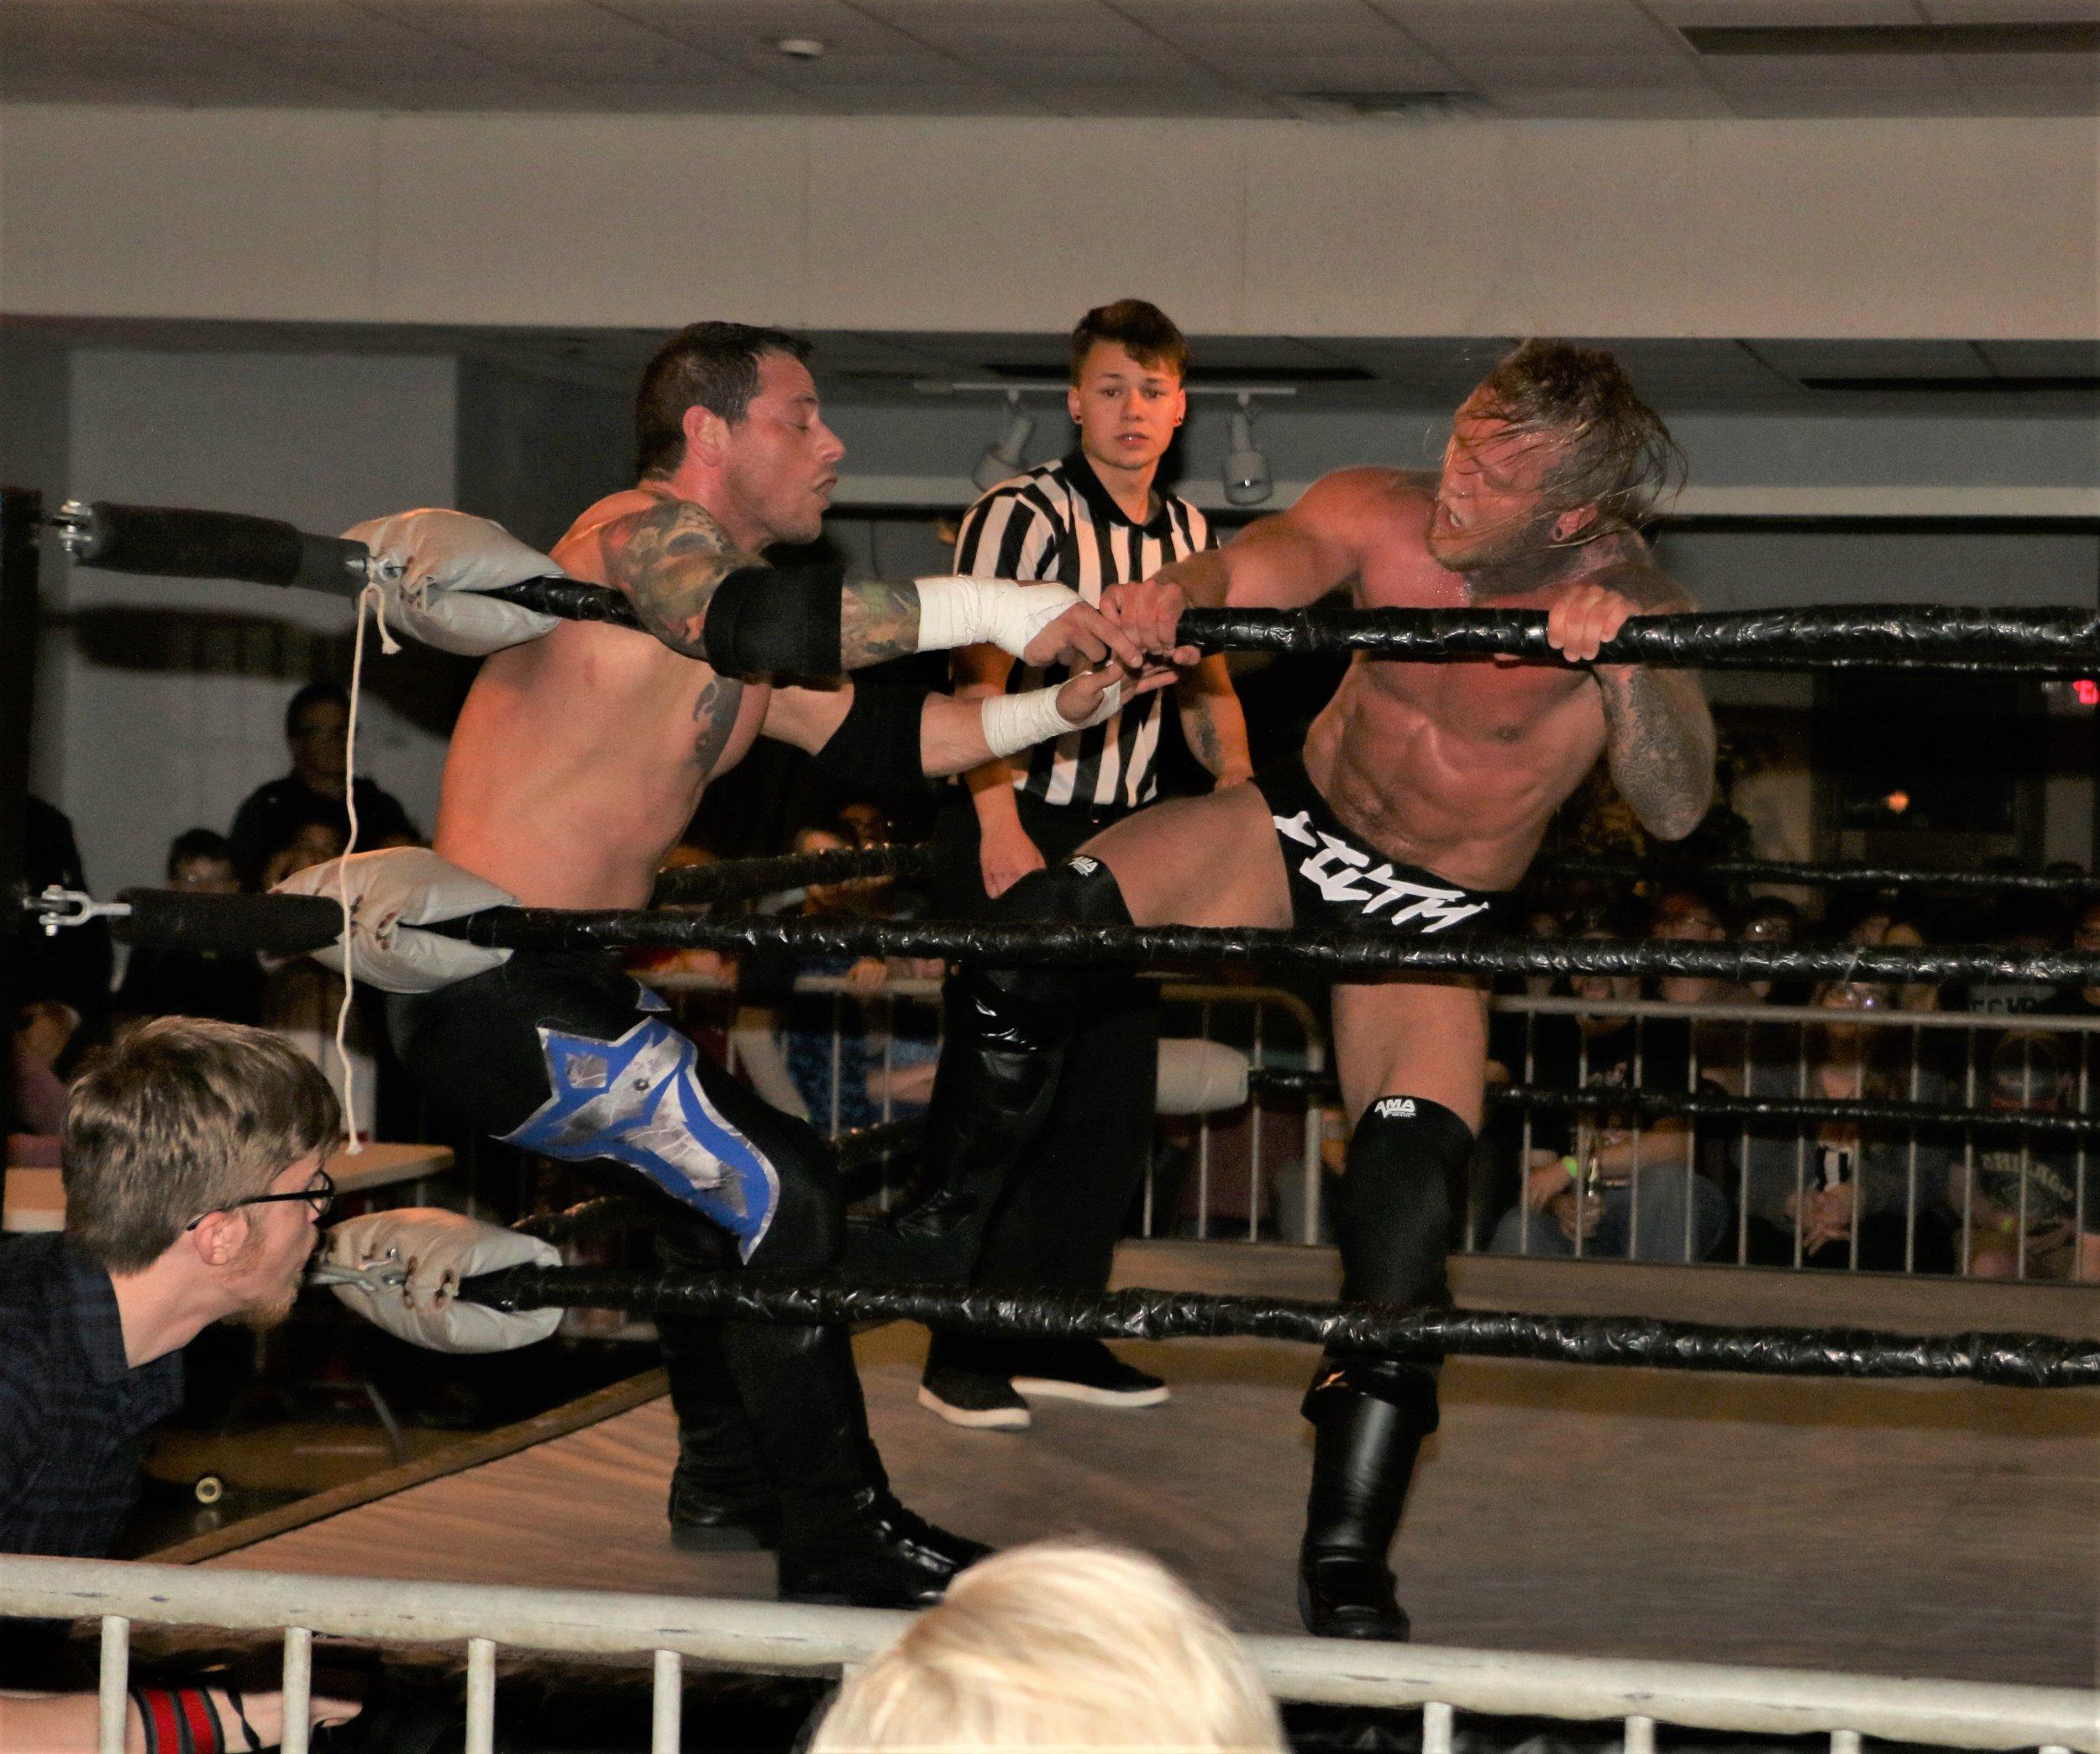 Brubaker kicks Vic Capri in the corner.